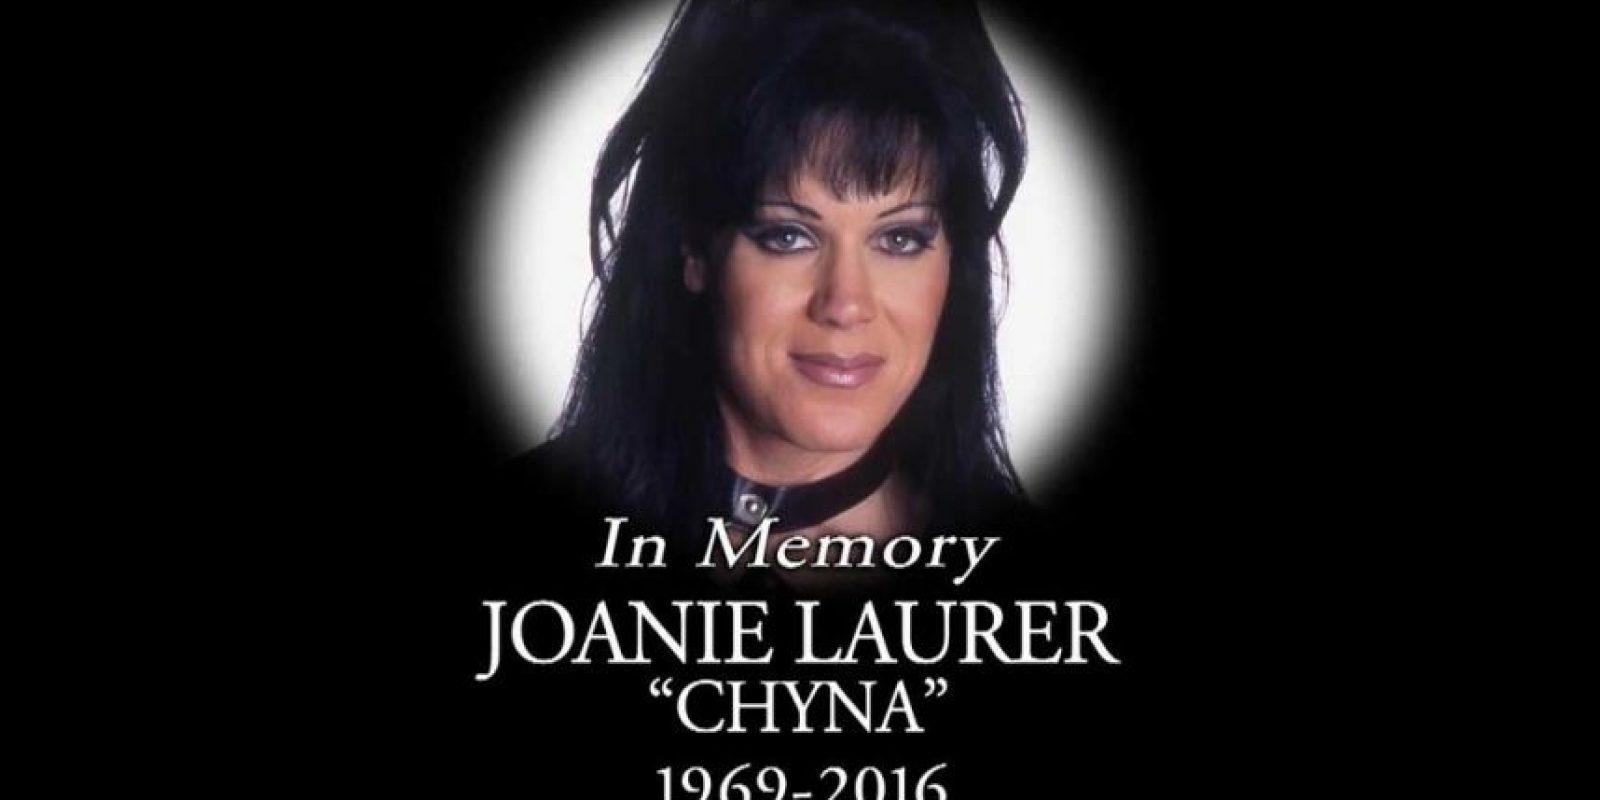 La muerte de Chyna sorprendió al mundo del deporte. Foto:WWE. Imagen Por: